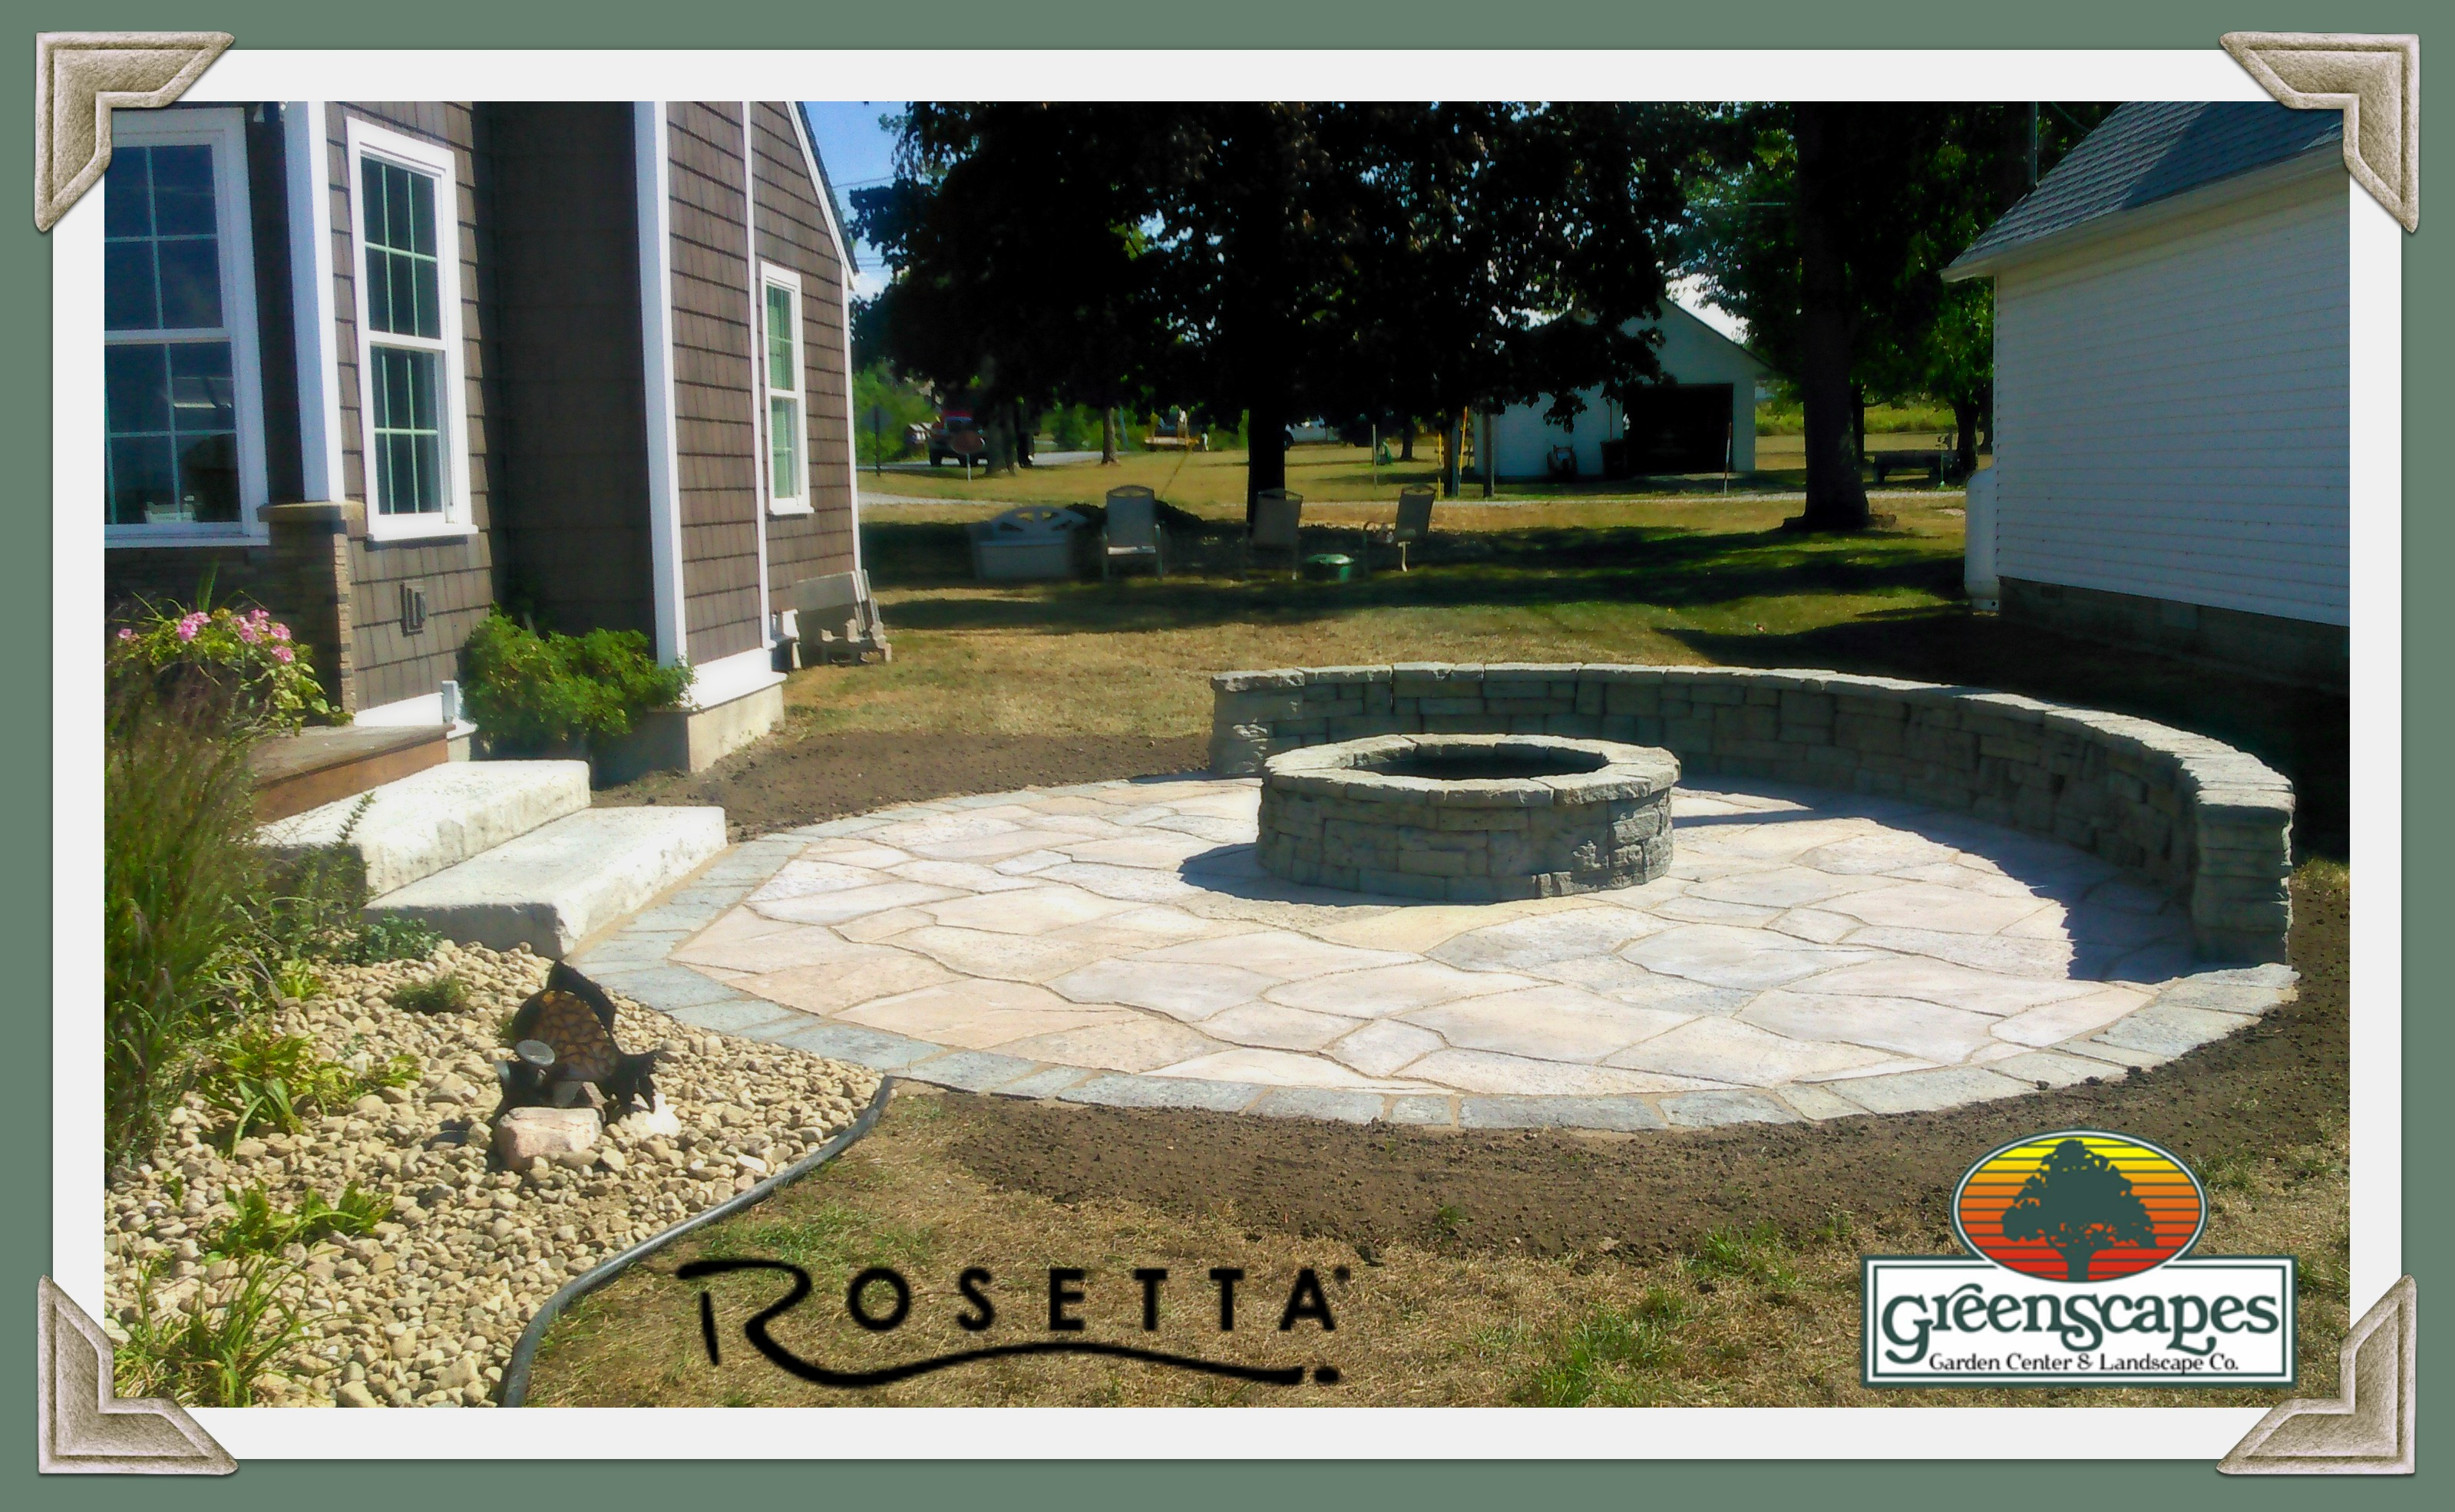 rosetta clayton